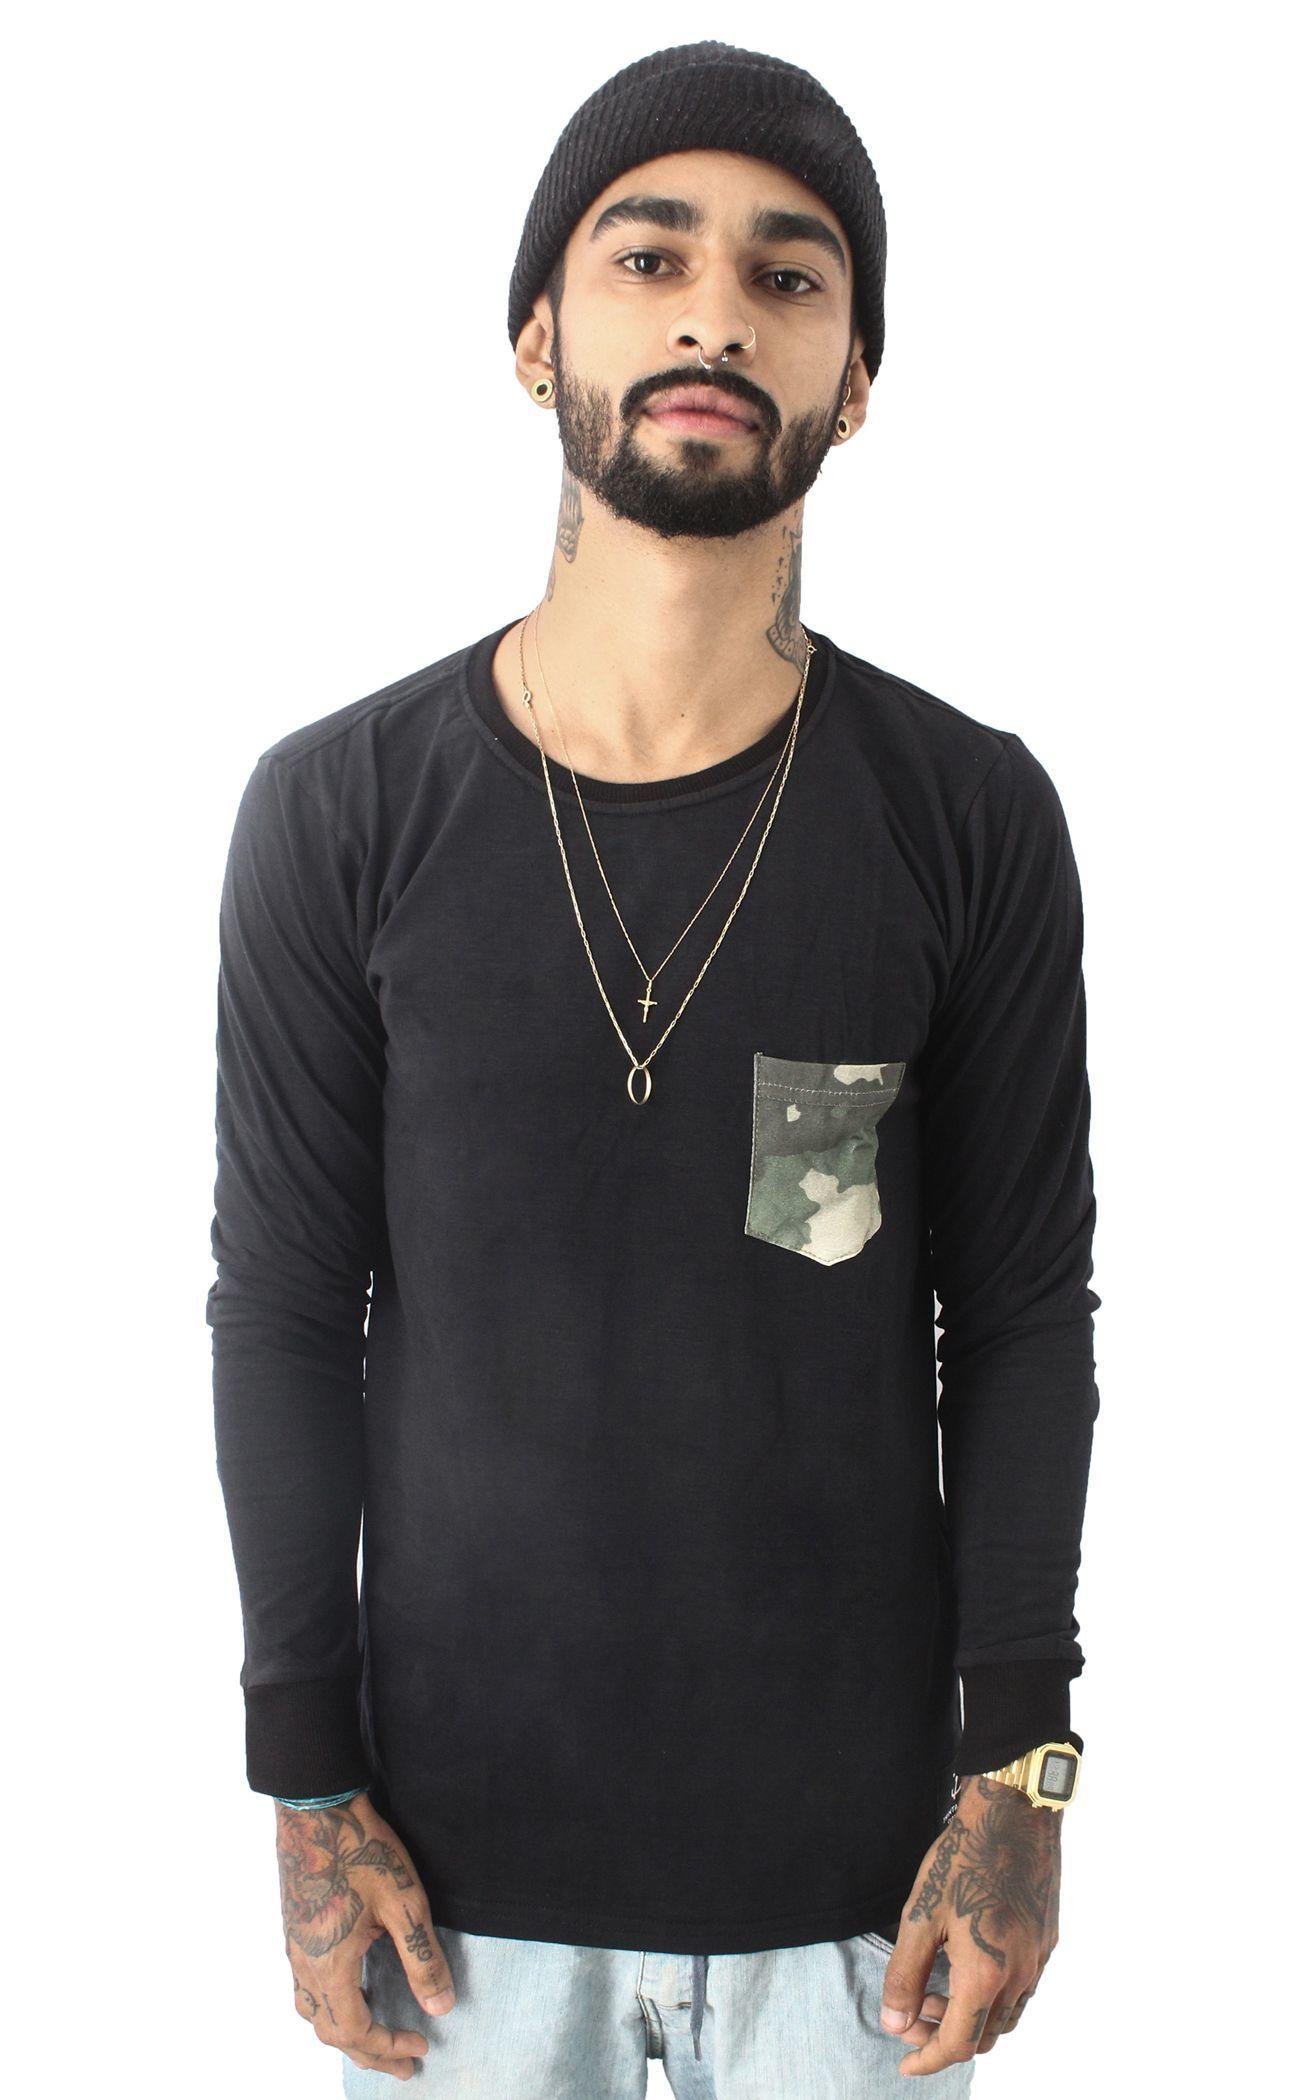 Camiseta Manga Longa Bolso Camo - 31 CLOTHING